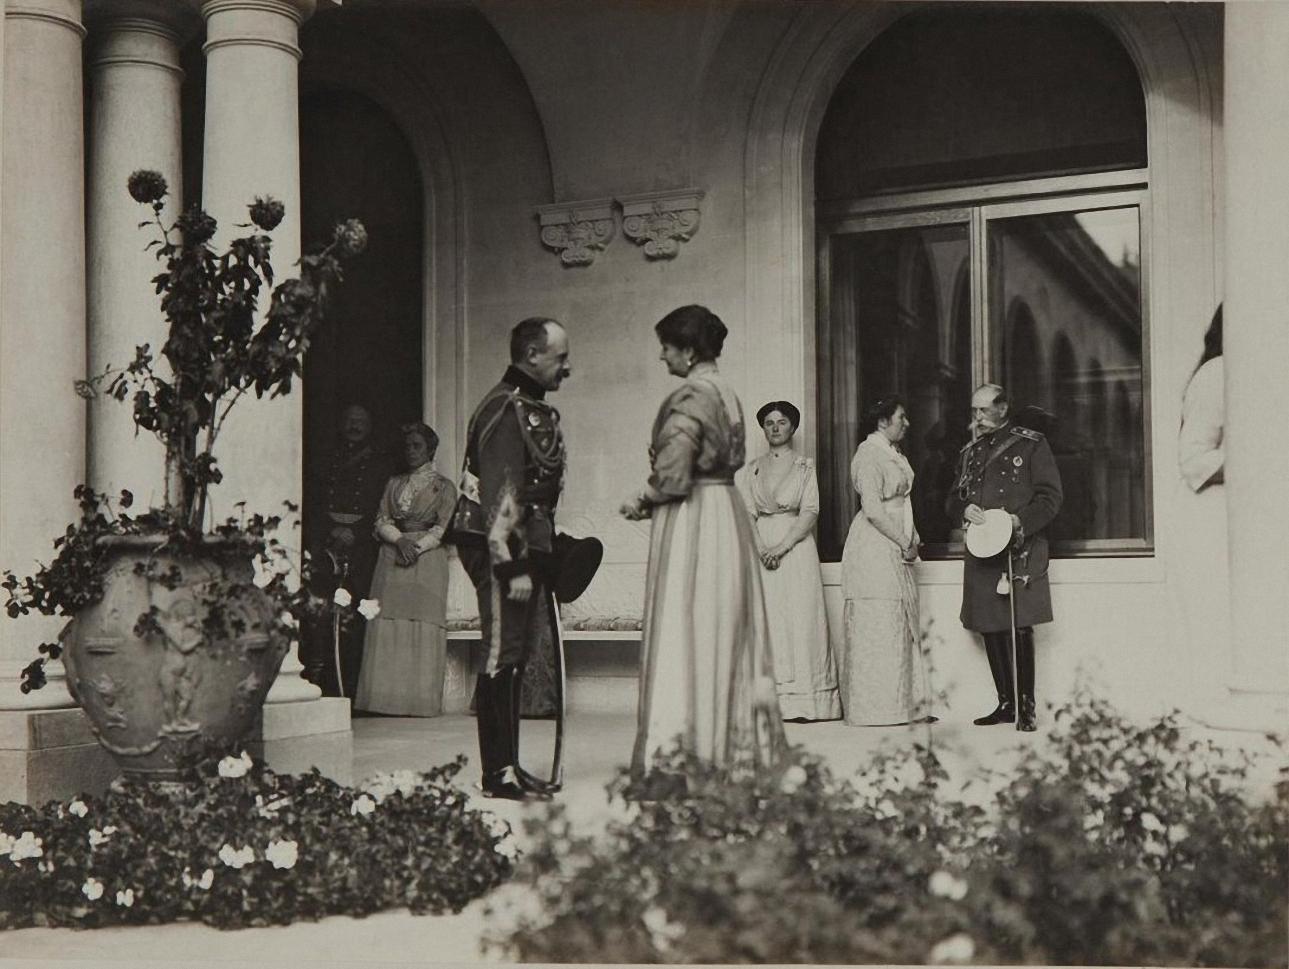 1913. Императрица Александра Фёдоровна беседует с офицером в галерее Итальянского дворика Ливадийского дворца